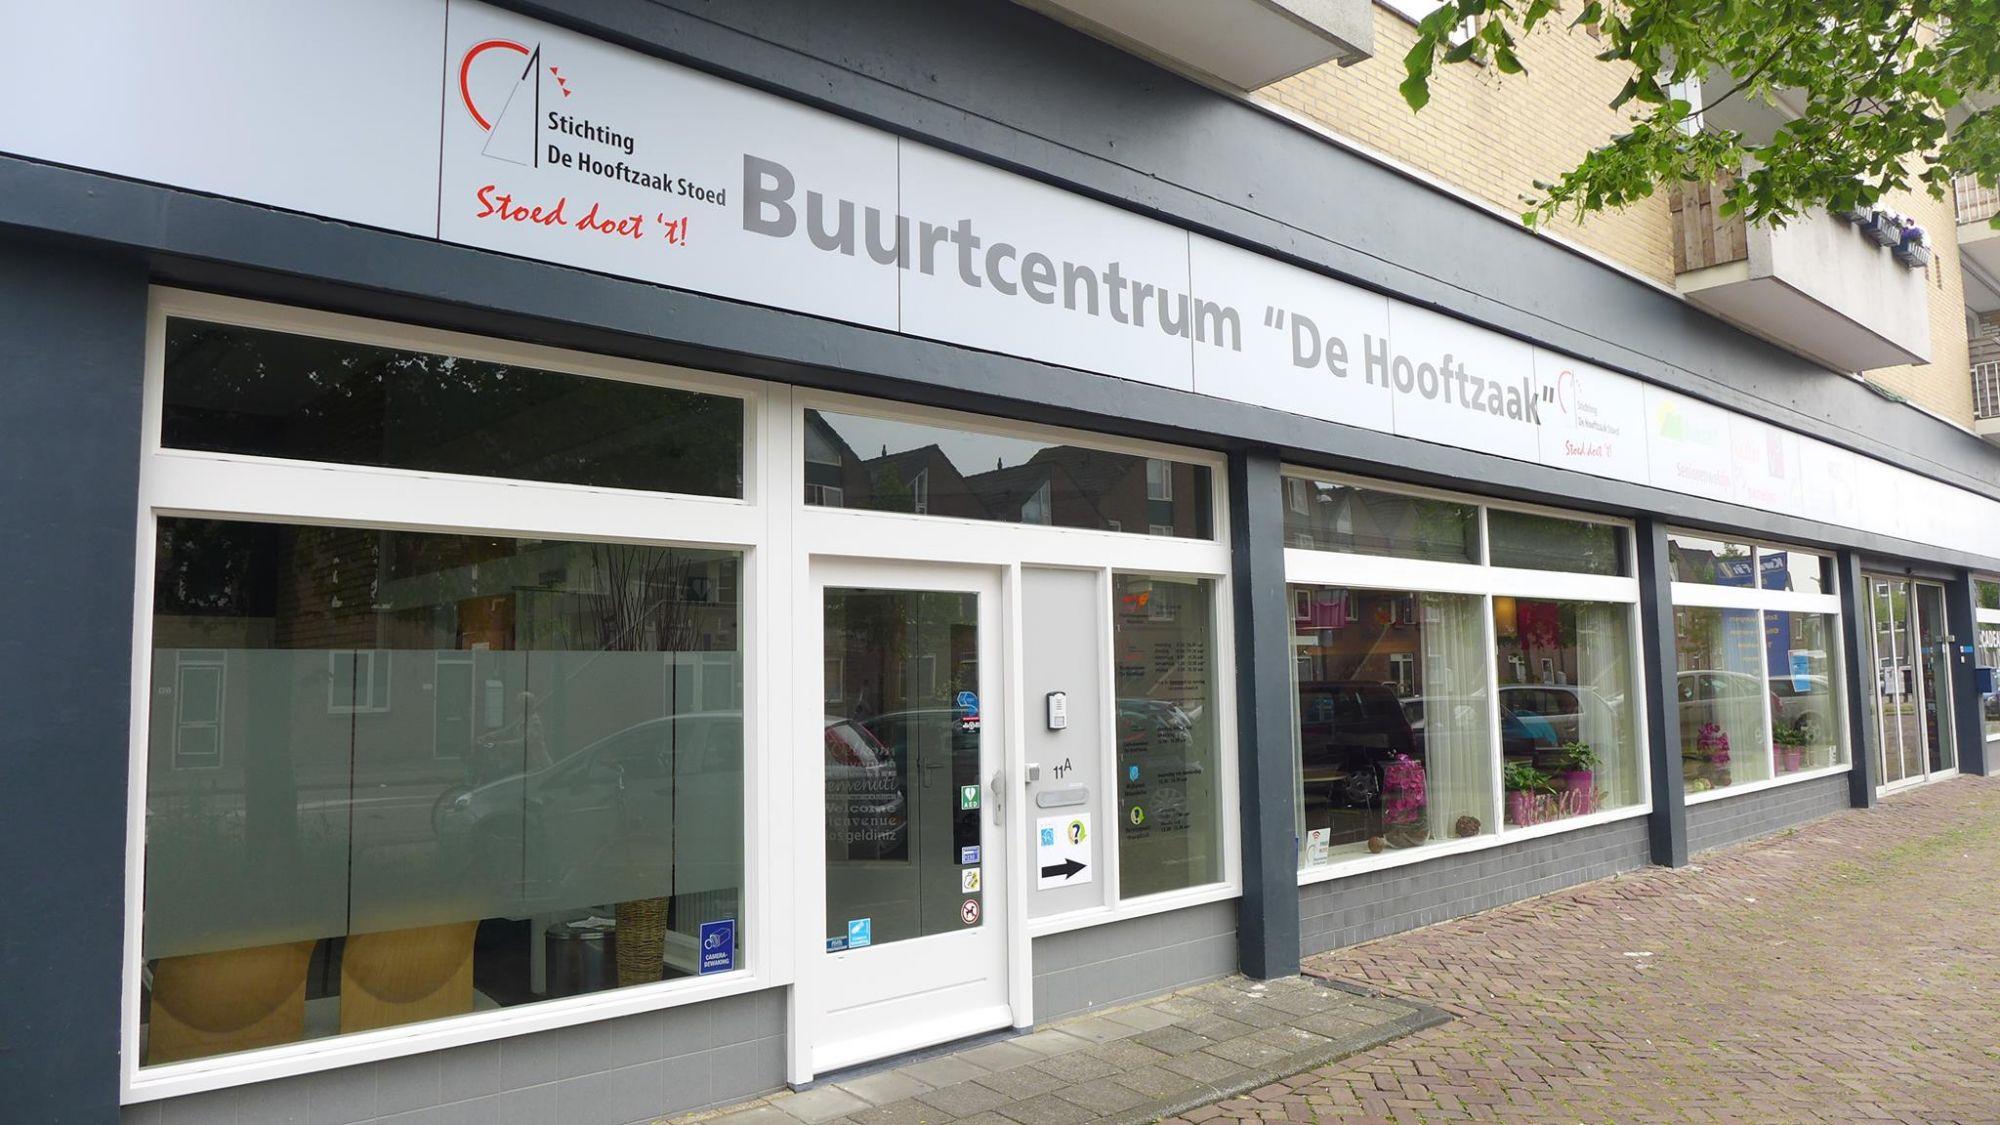 Buurtcentrum De Hooftzaak weer open